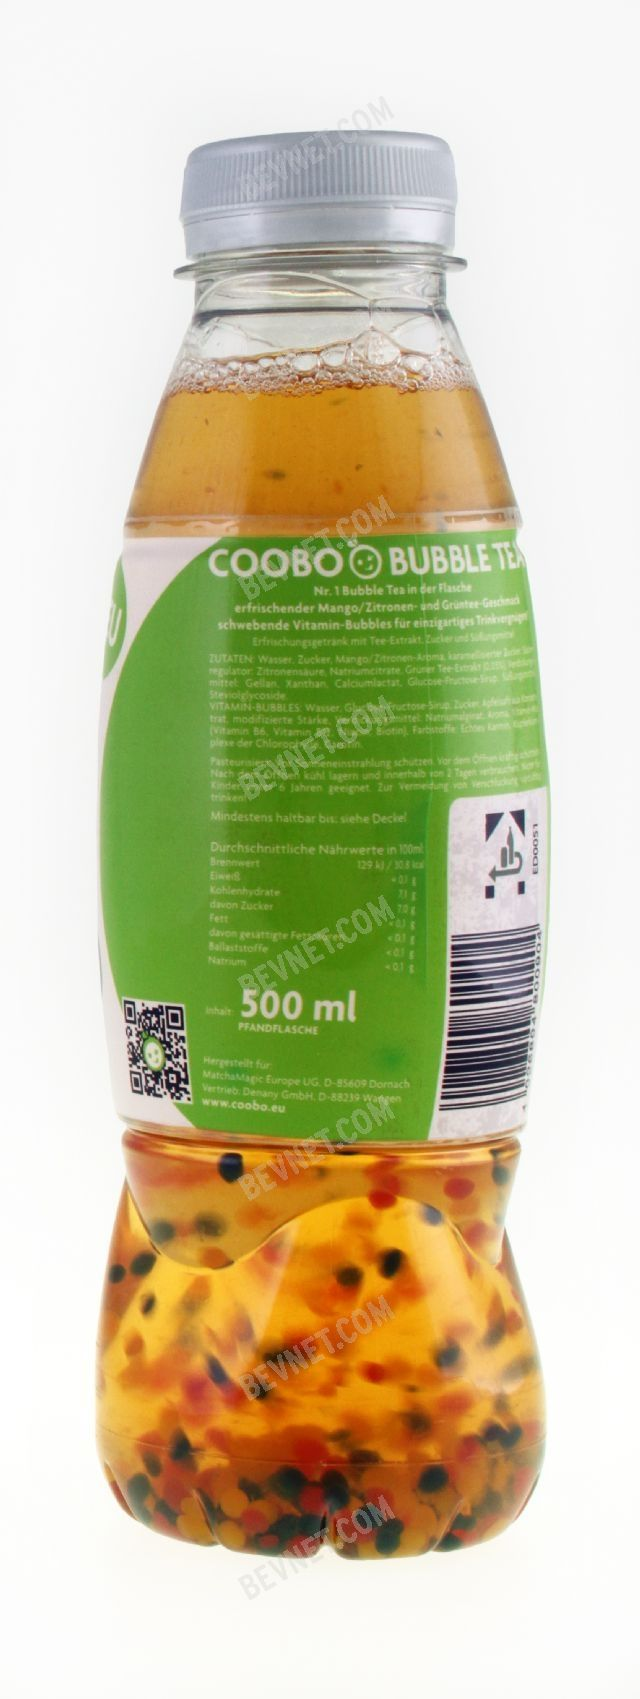 Coobo Bubble Tea: